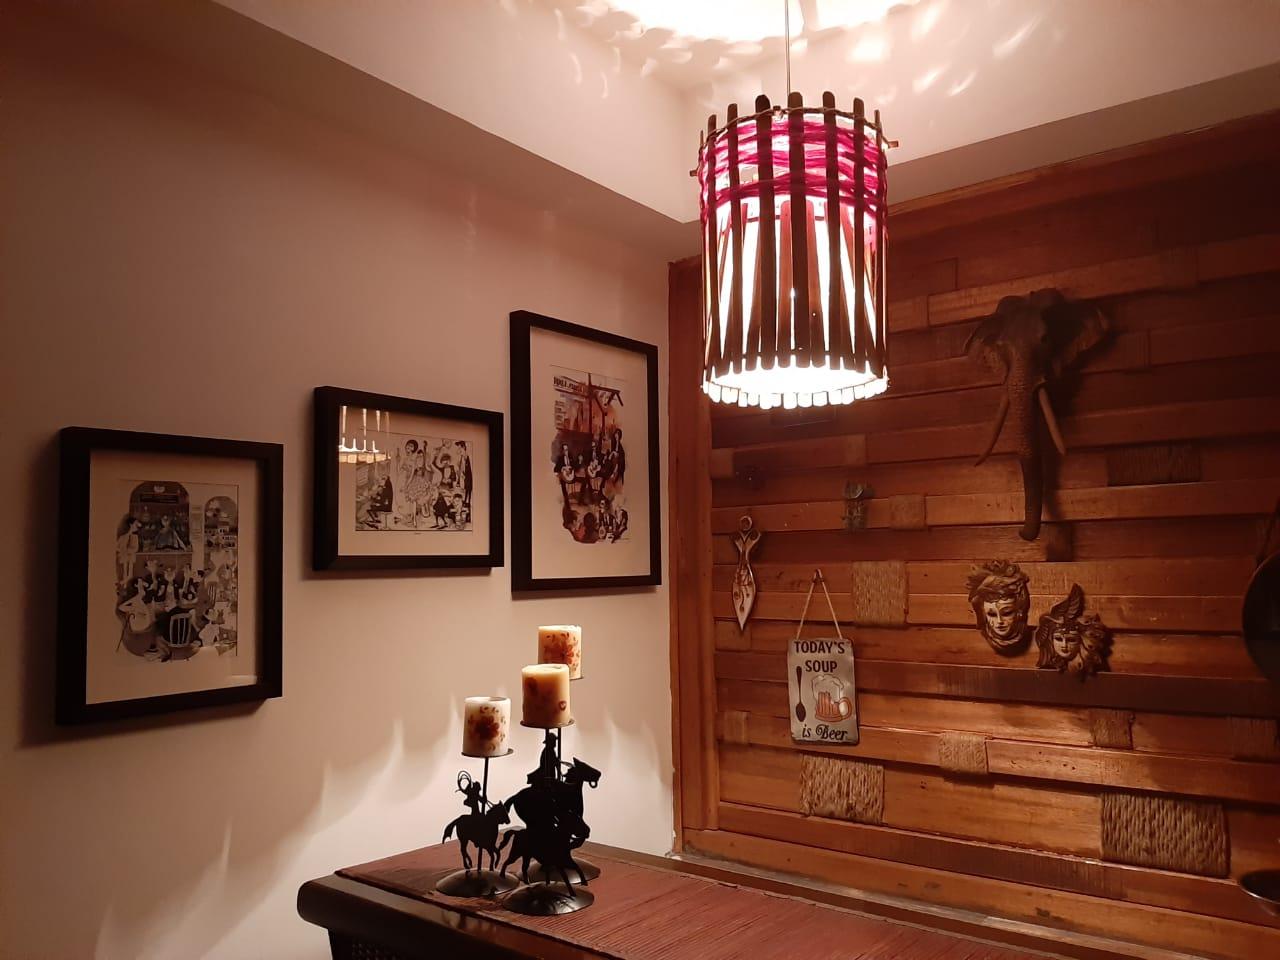 Slat hanging lamp